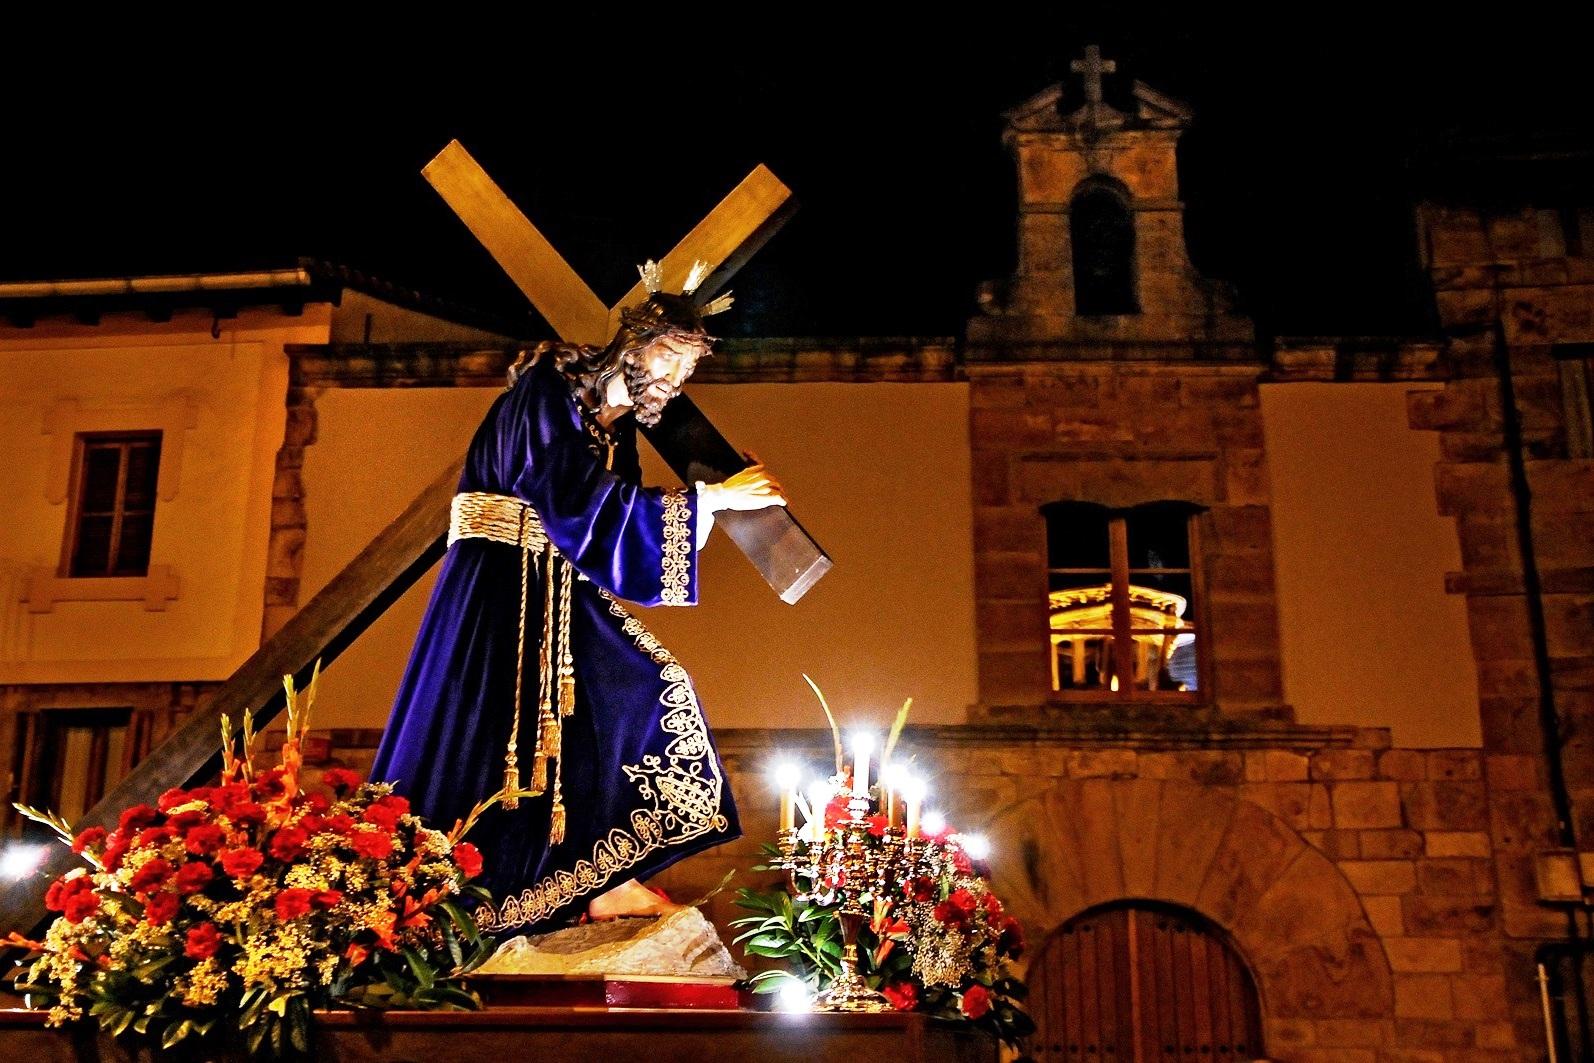 Праздники Испании Испания по русски все о жизни в Испании Праздники Испании Пасха Праздники